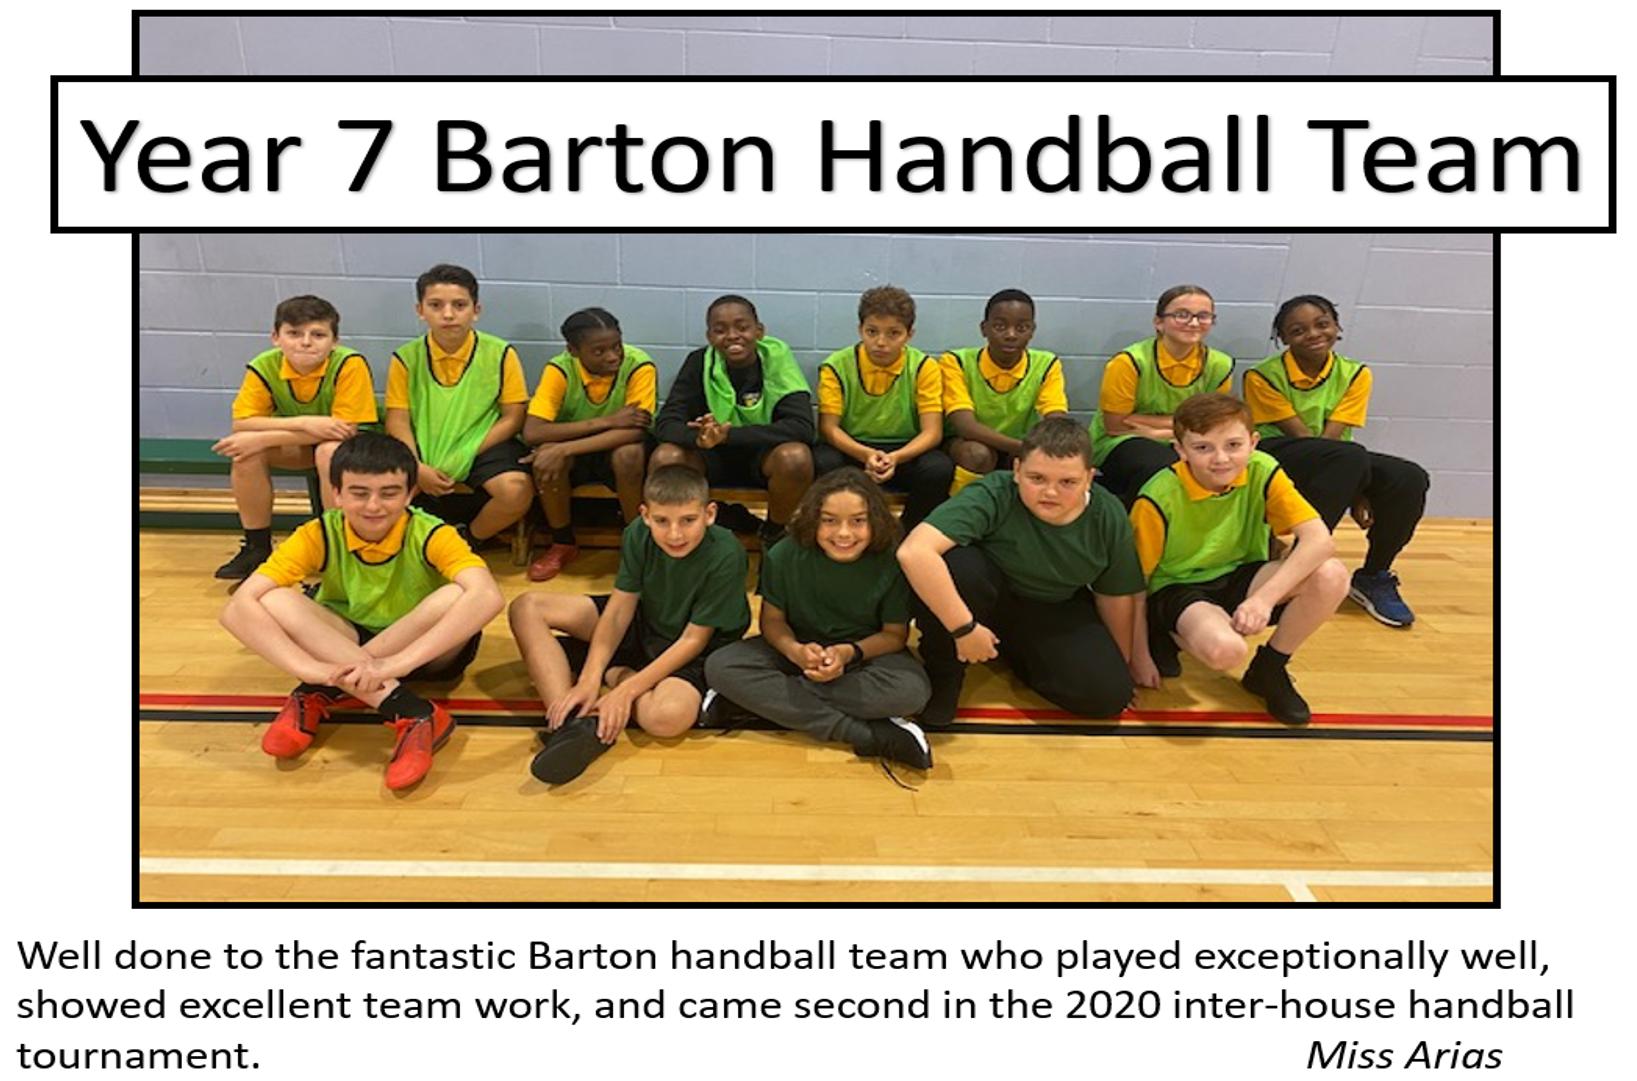 Barton Handball Team